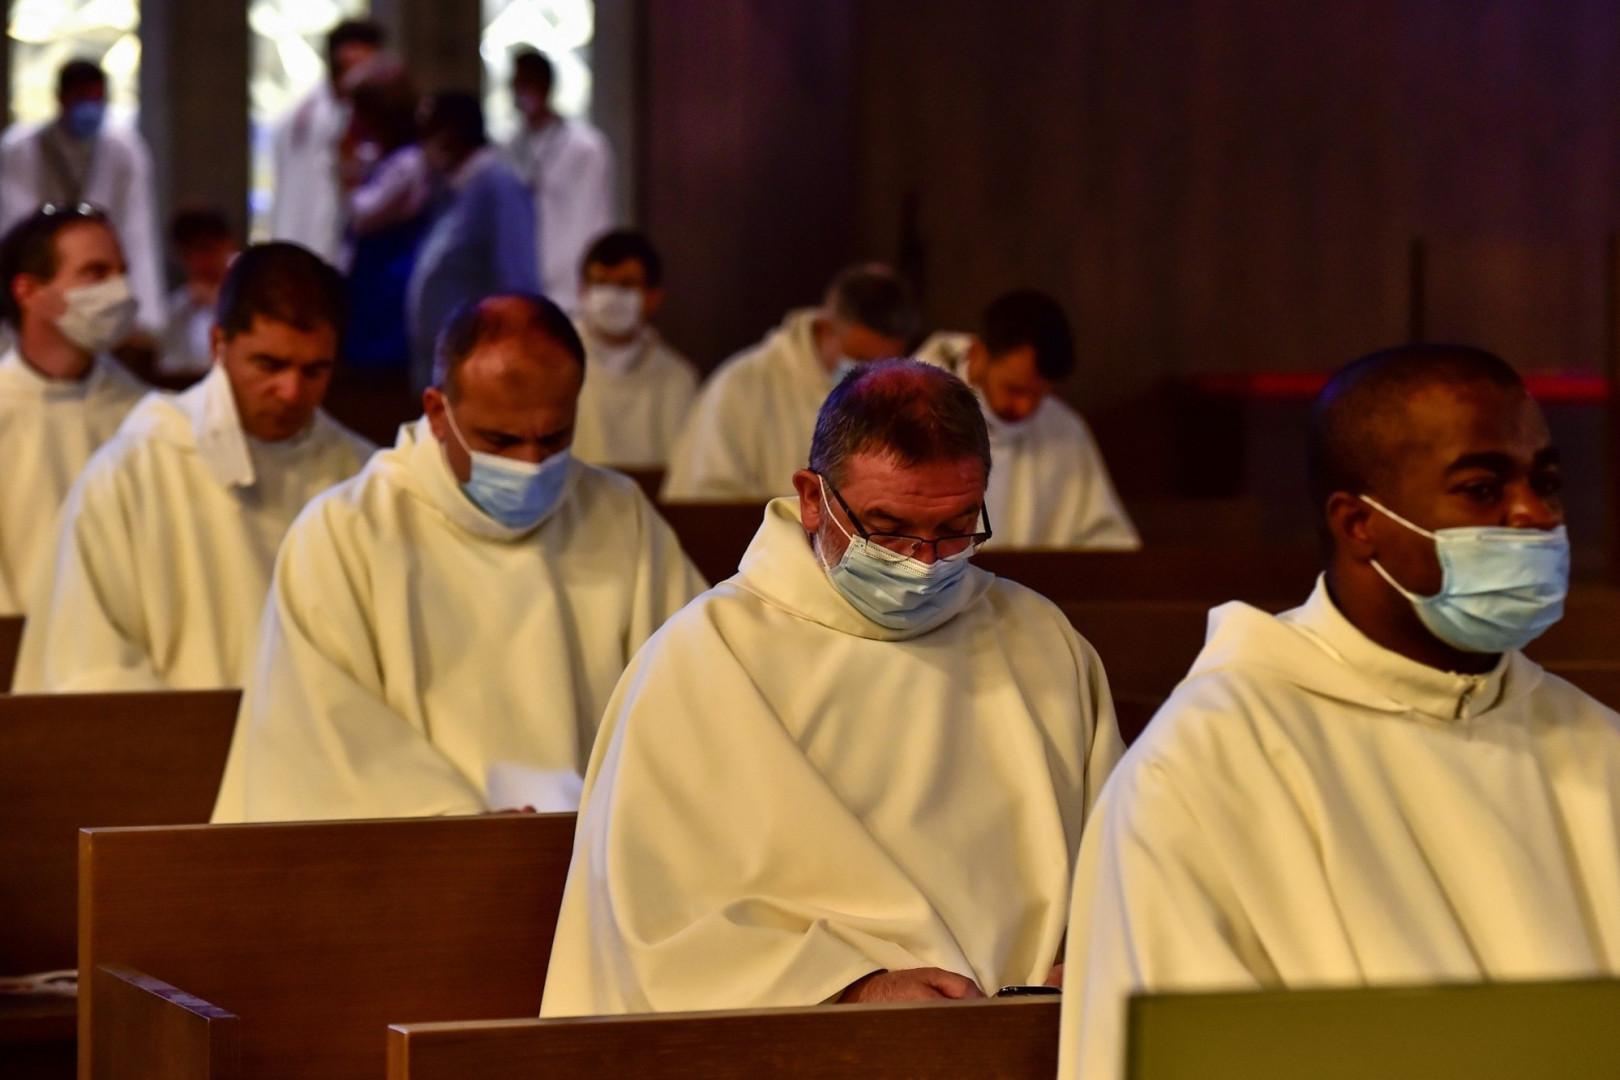 Des prêtres portent des masques assistent à la messe dominicale.